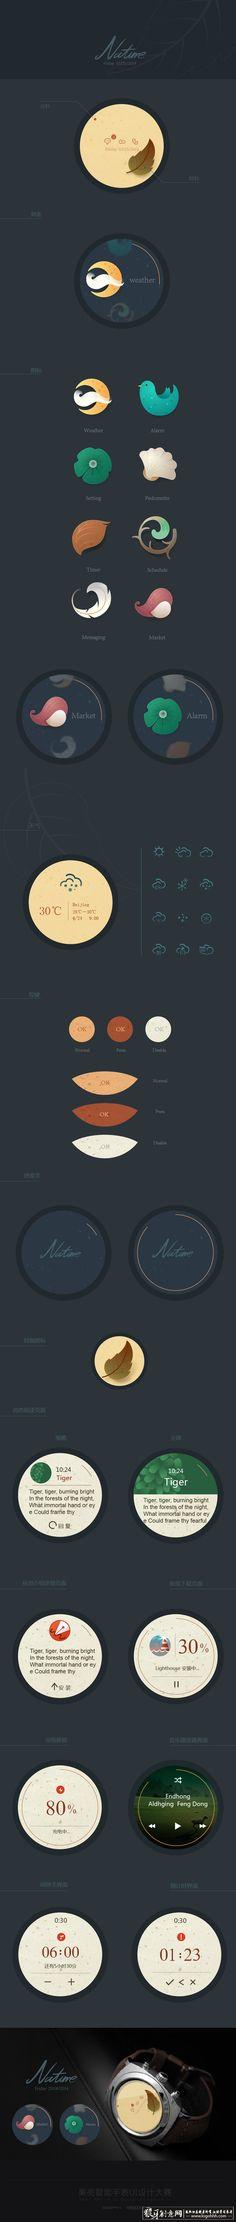 [UI/APP] 自然风格图标UI设计 ...